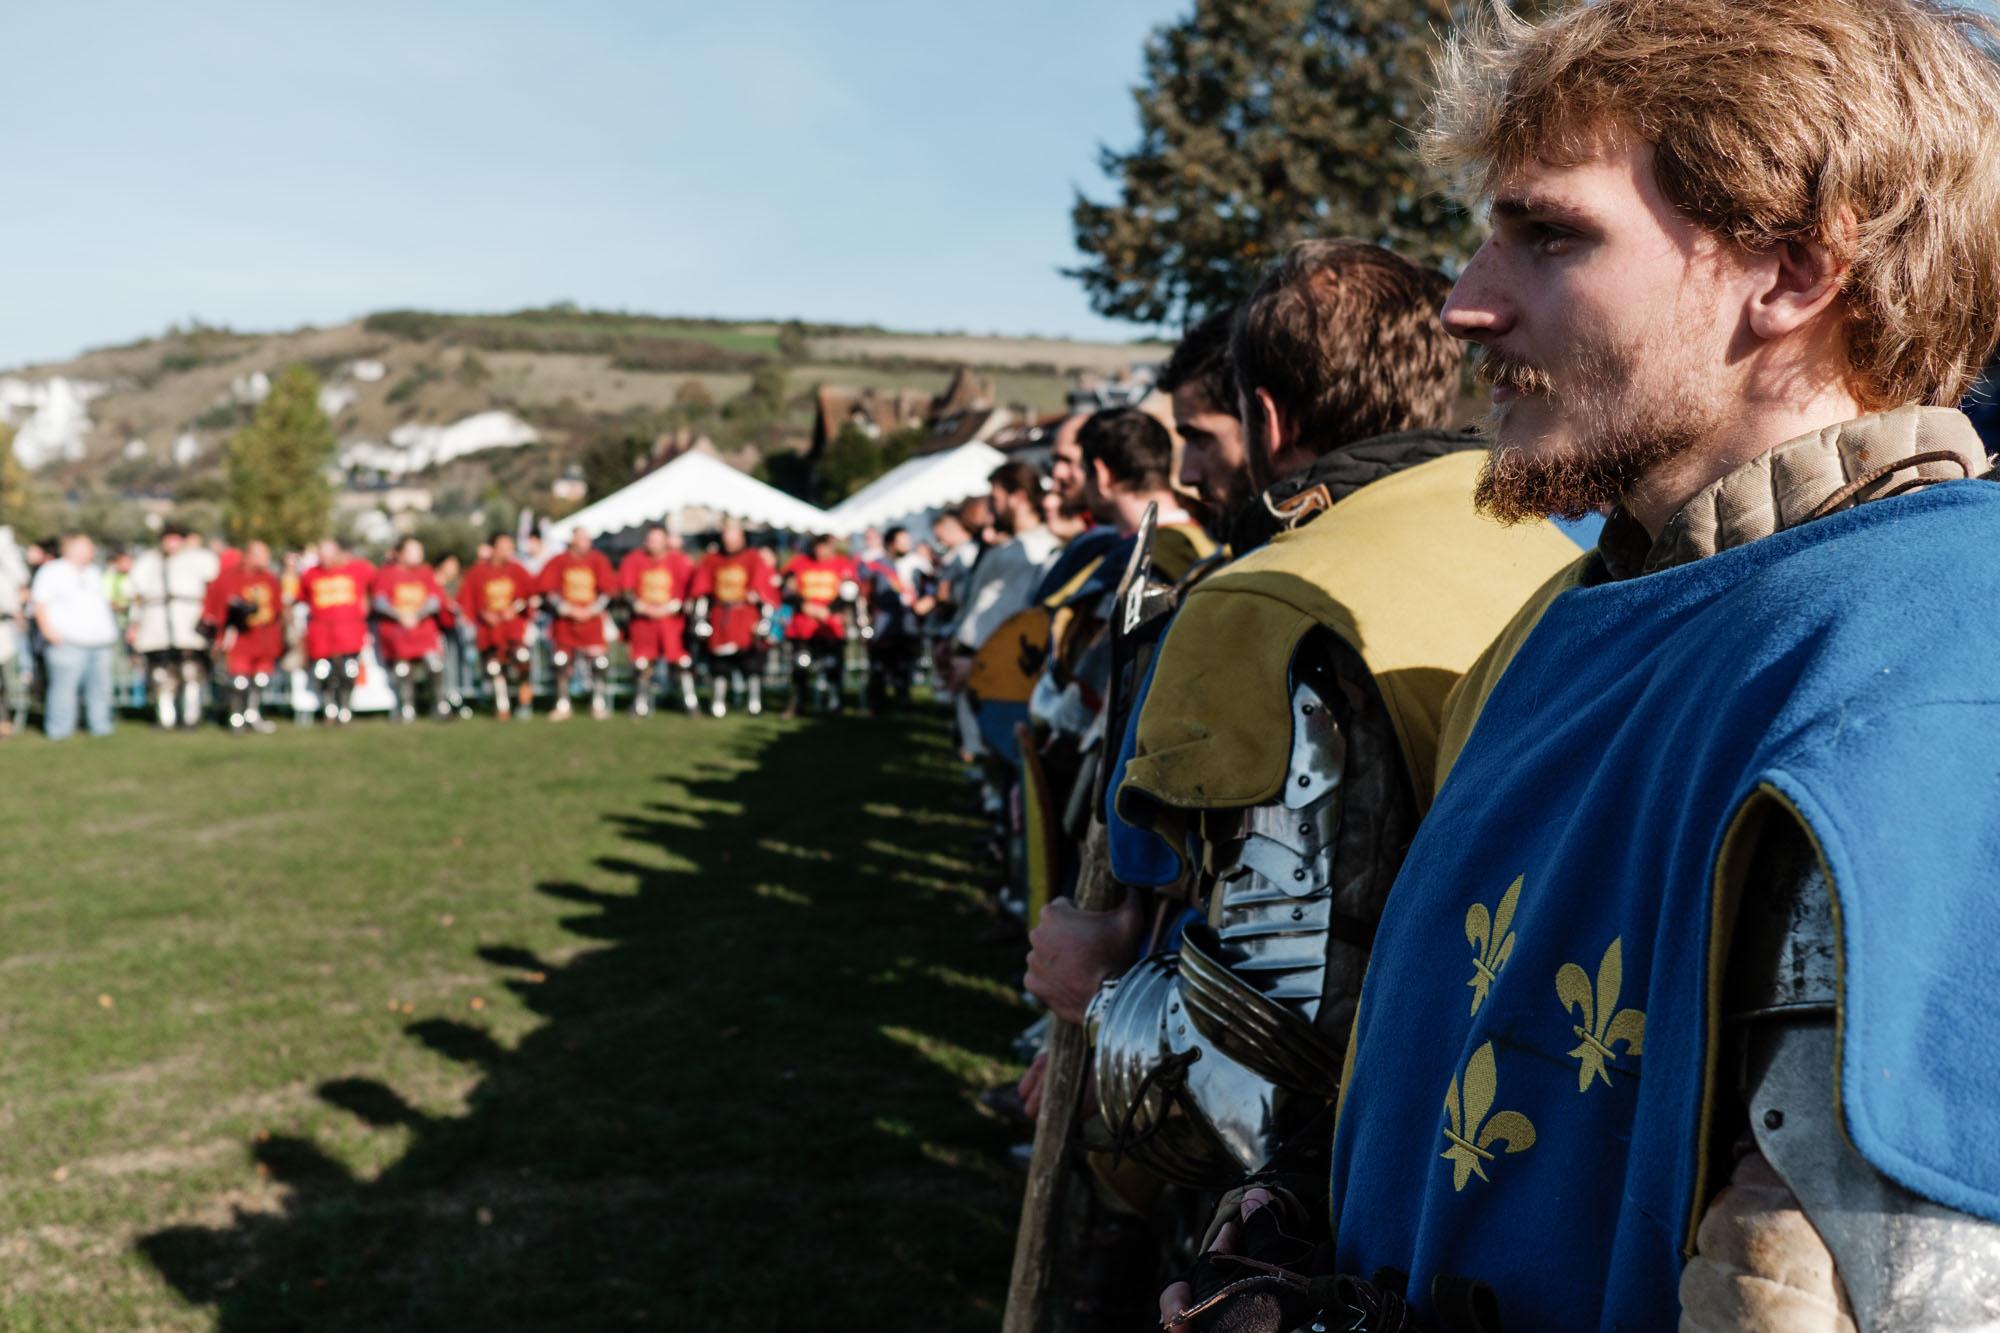 Les combattants se présentent au public et se saluent dans la lice avant de commencer le tournoi.